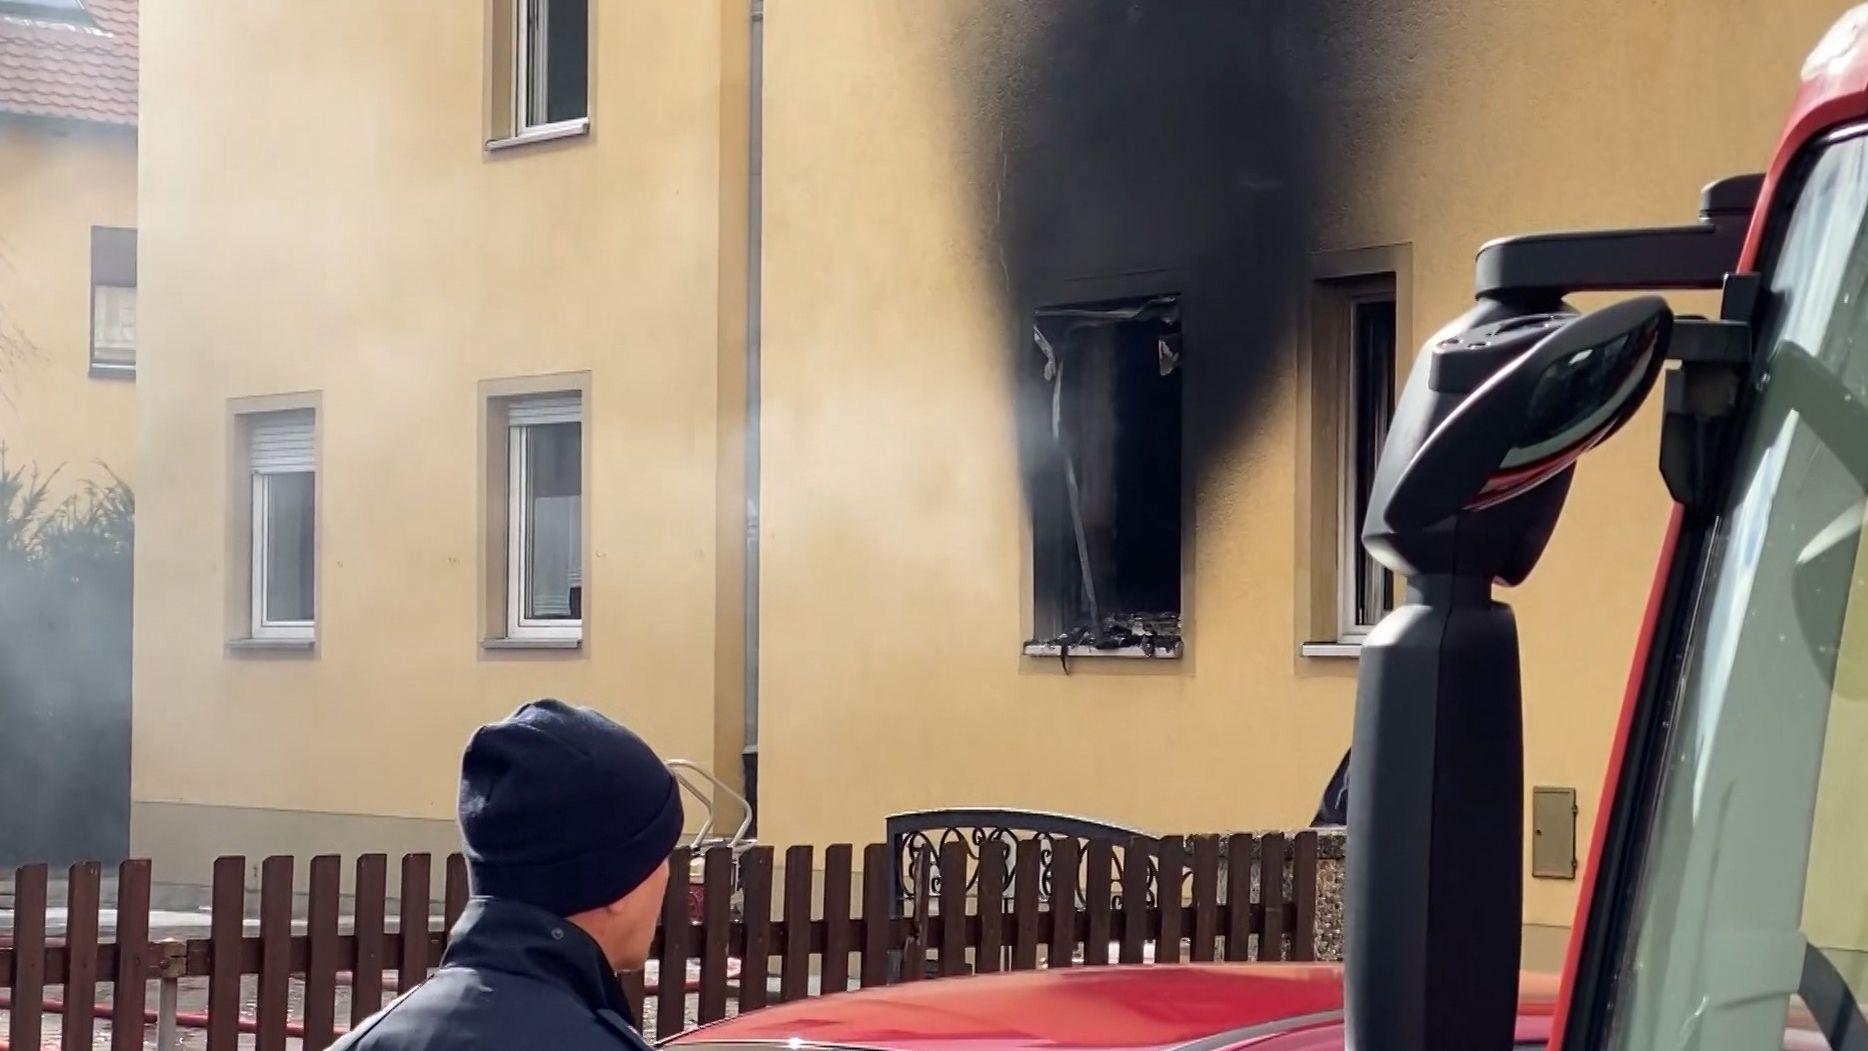 schwarzer Rauch steigt aus Küchenfenster auf